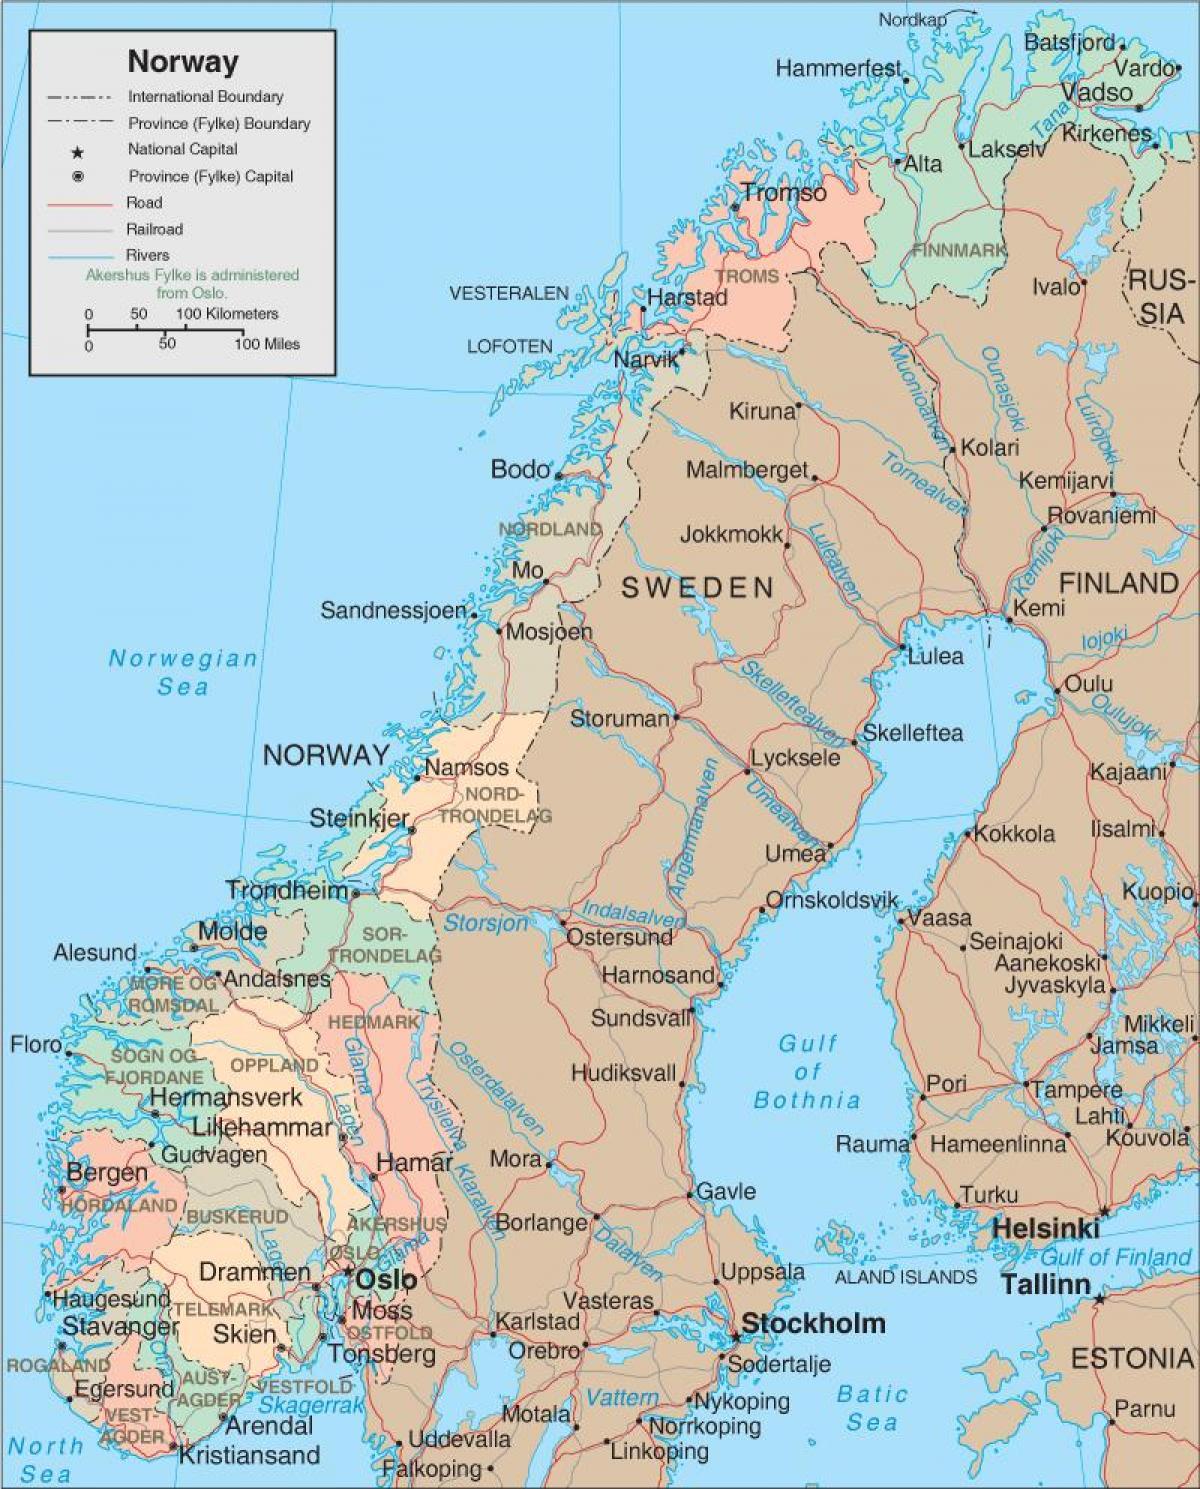 Norge Kort Et Kort Over Norge I Det Nordlige Europa